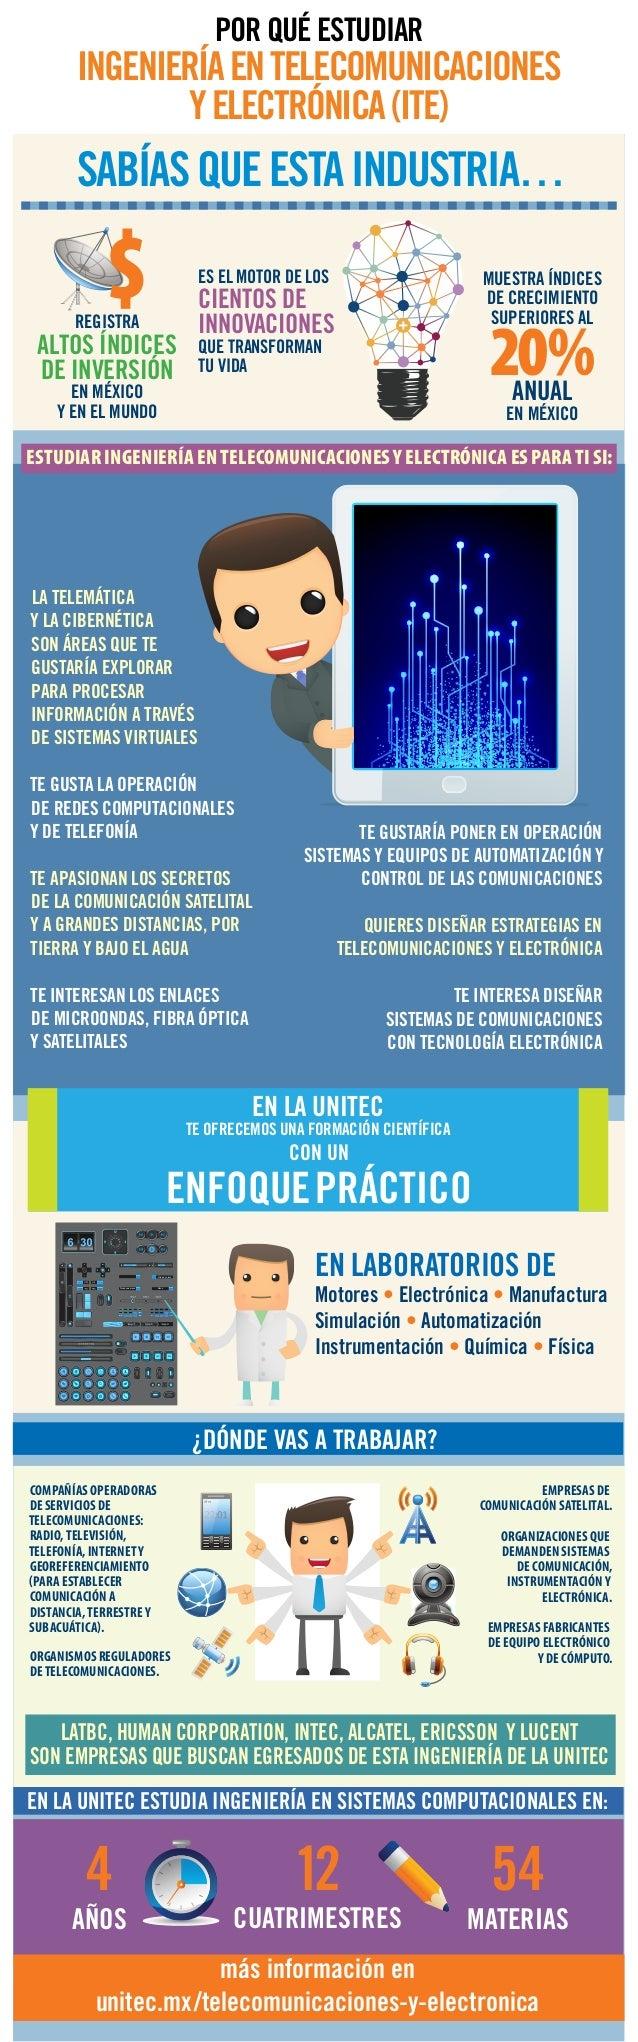 MenuDropdown menu Slideto unlock En la UNITEC te ofrecemos una formación científica CON UN ENFOQUEPRÁCTICO 4 AÑOS 12 CUATR...